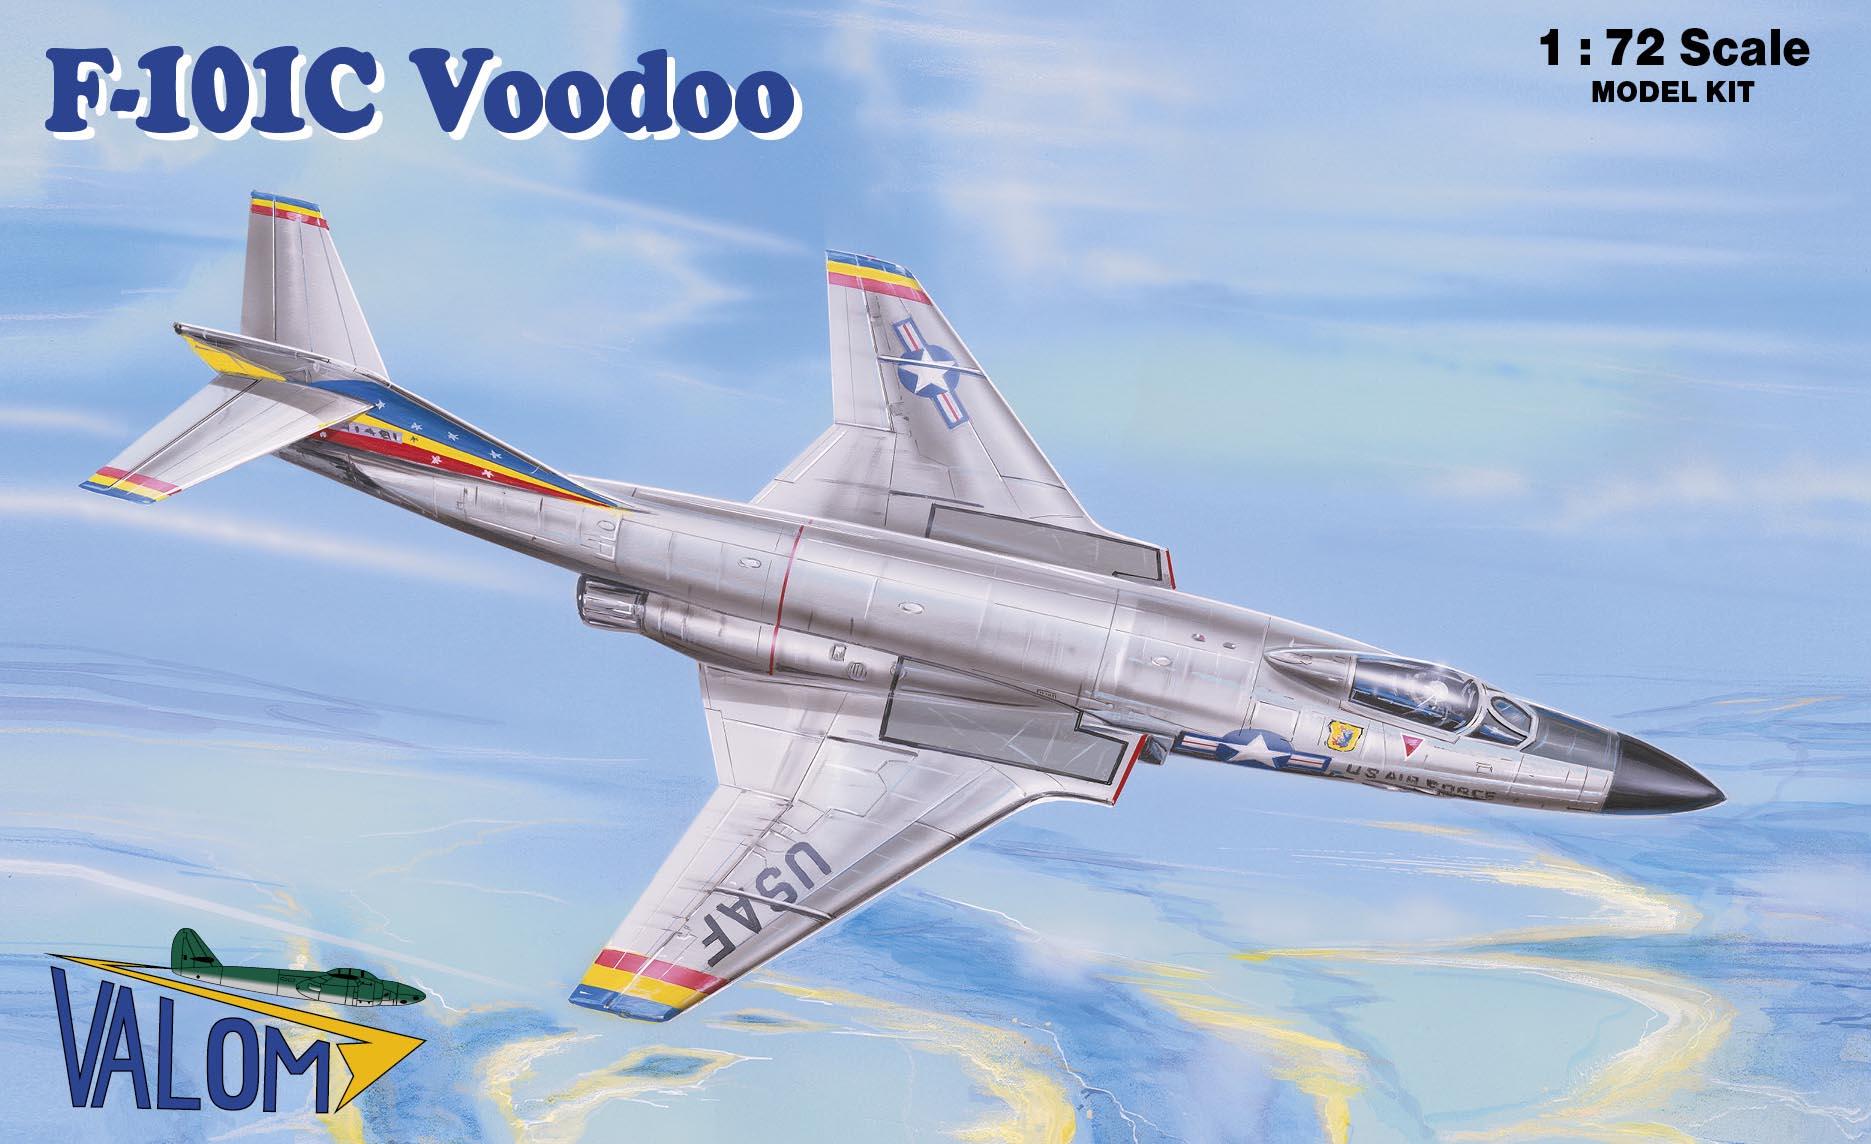 Valom F-101C Voodoo